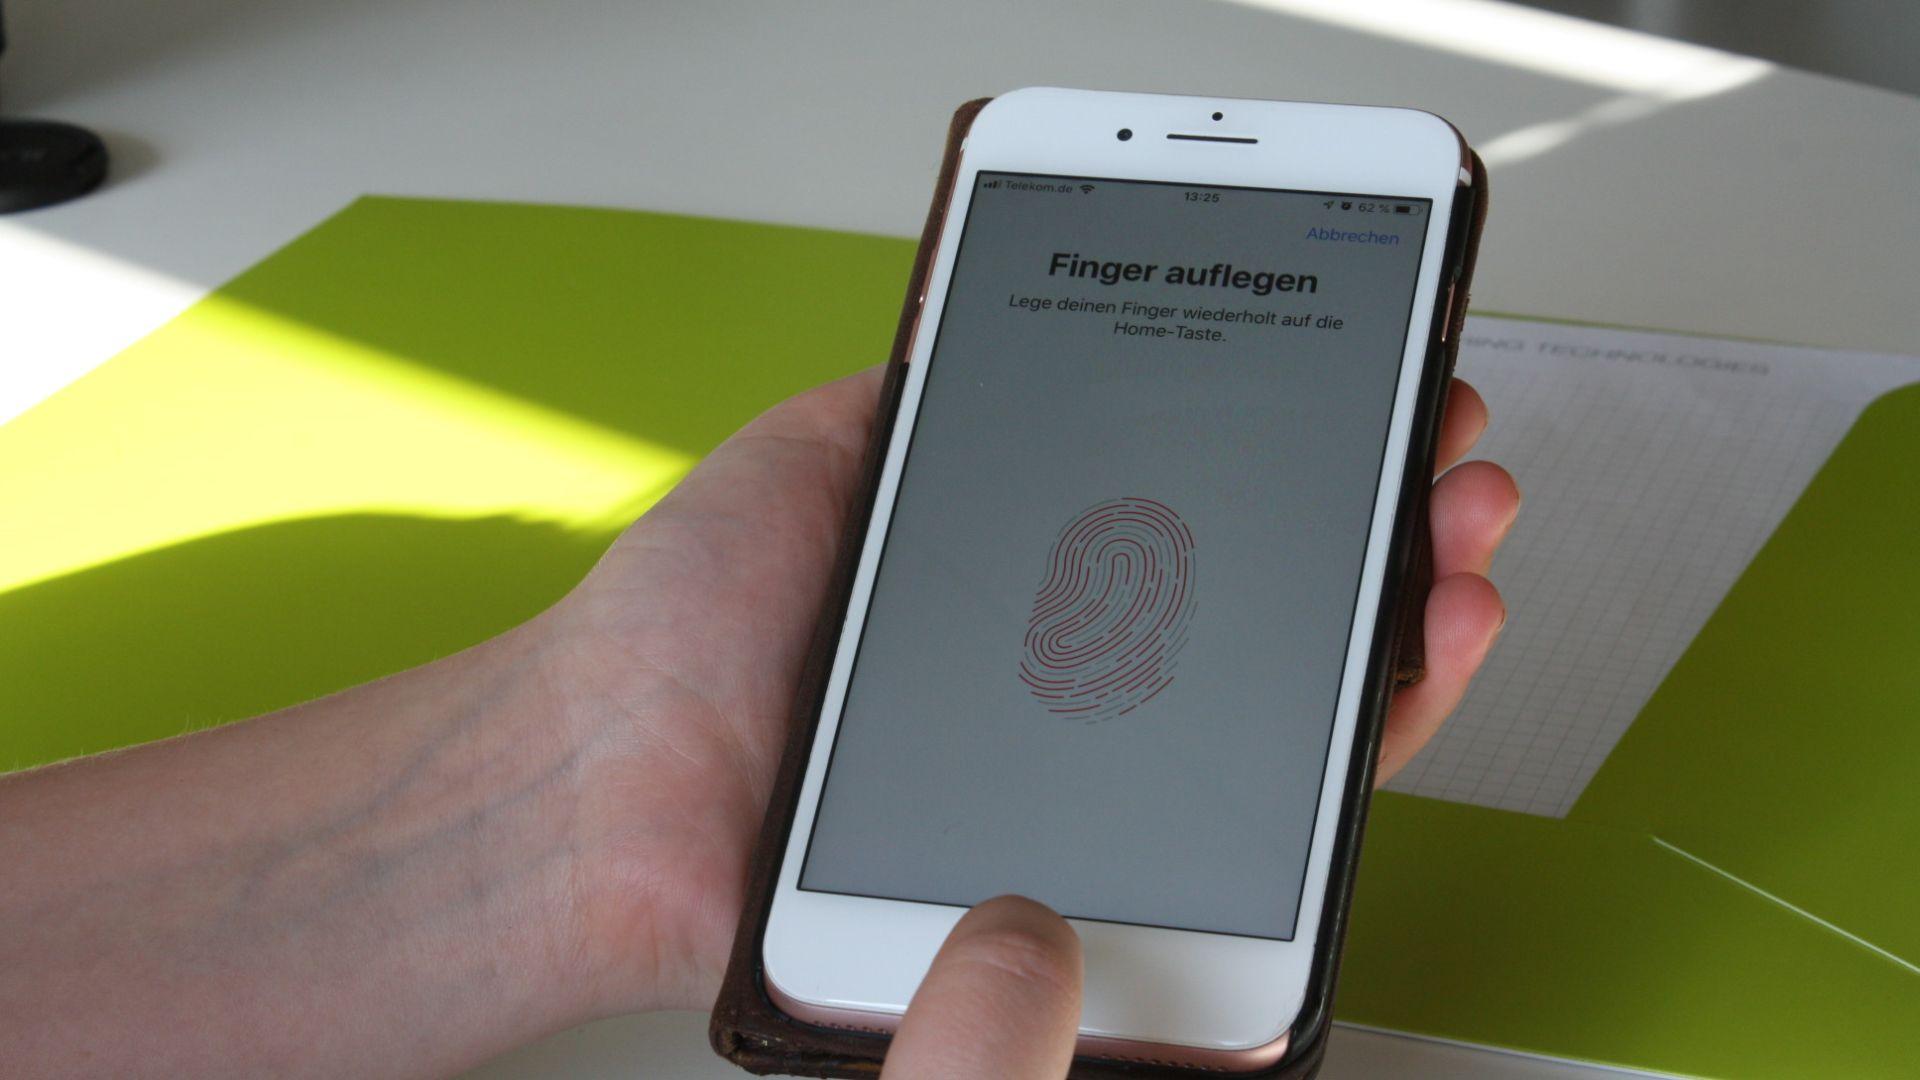 Datenschutz durch Hautkontakt mit dem Fingerabdrucksensor